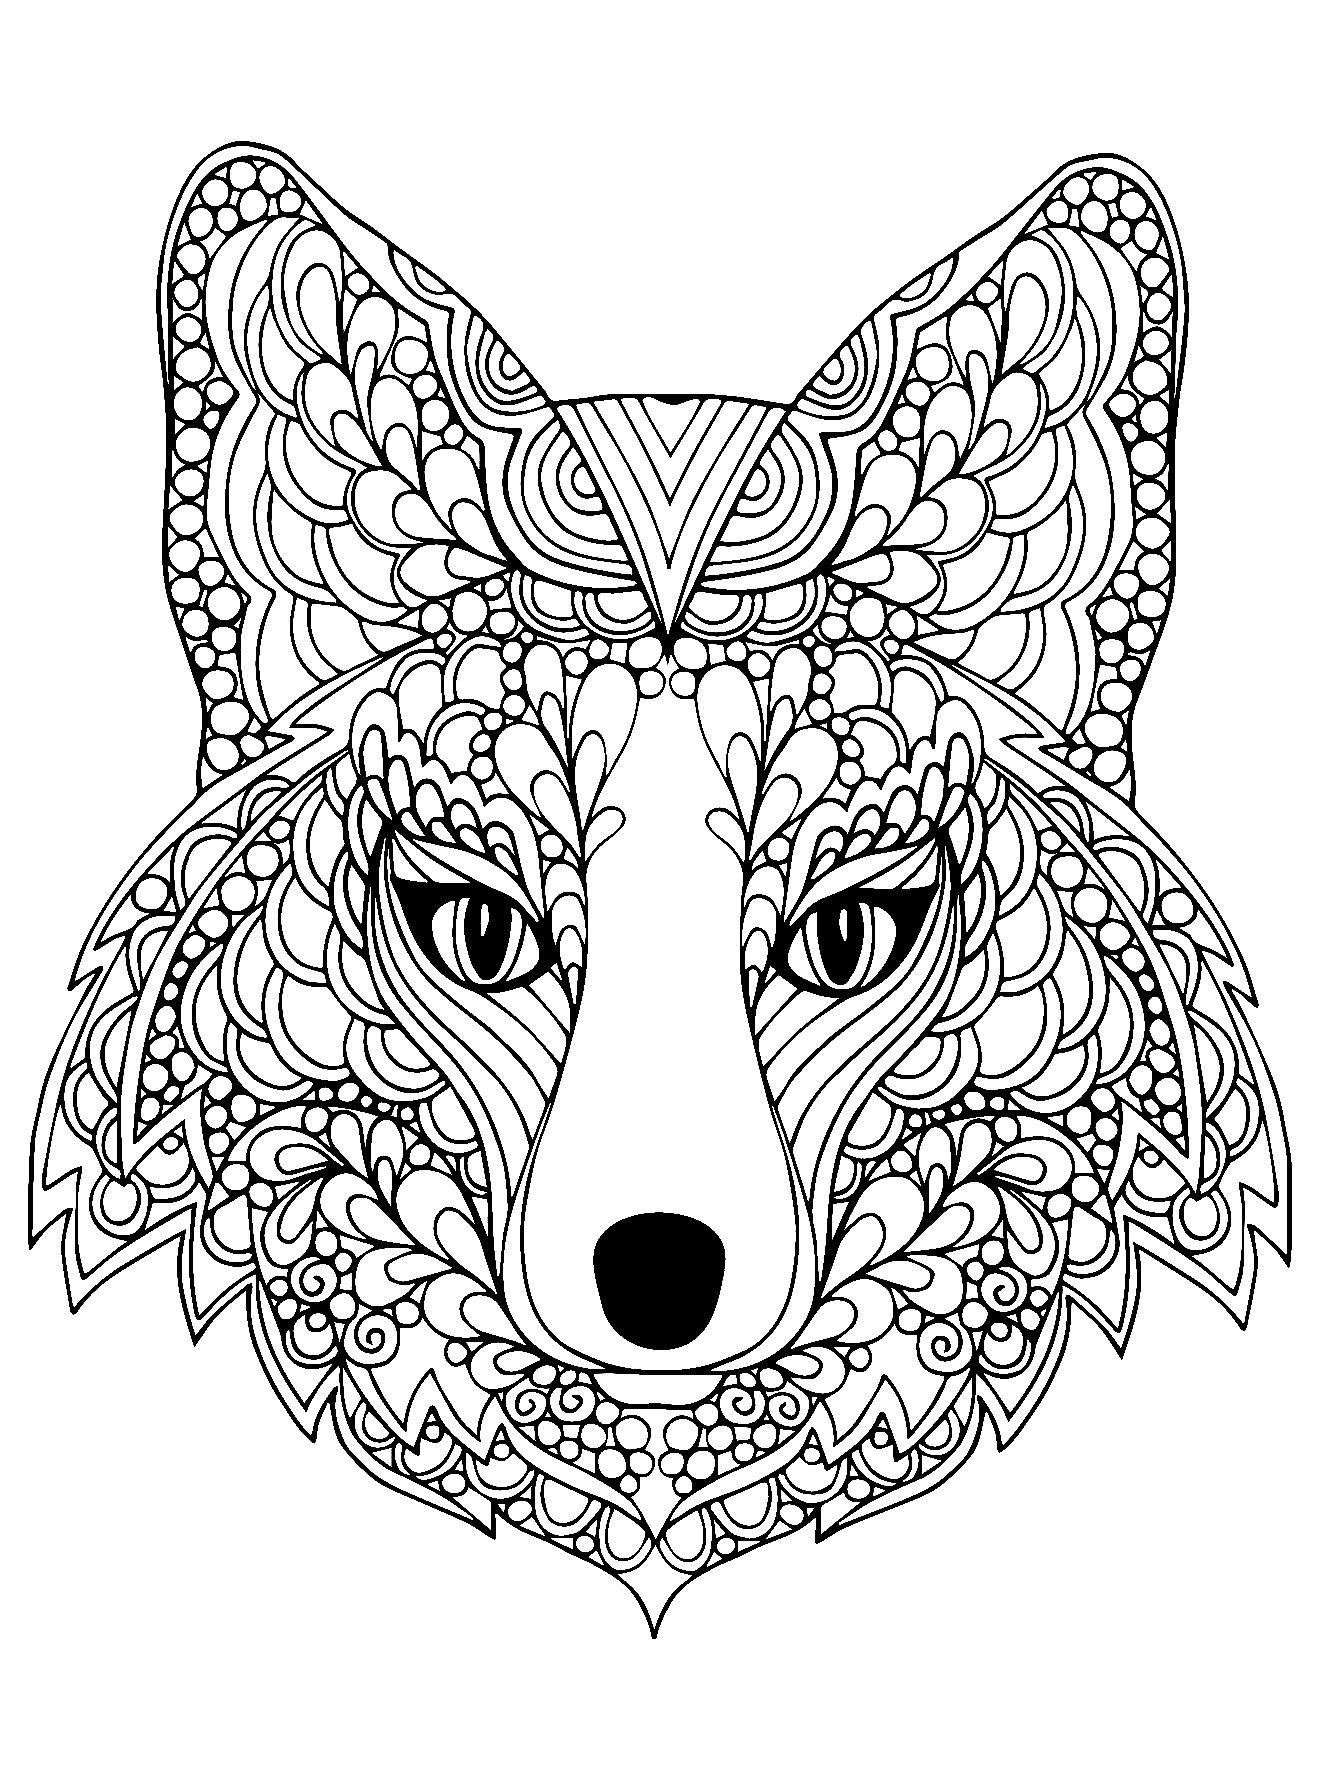 Animals | Coloriage Mandala Animaux, Coloriage Mandala destiné Coloriage Chien A Imprimer Gratuit